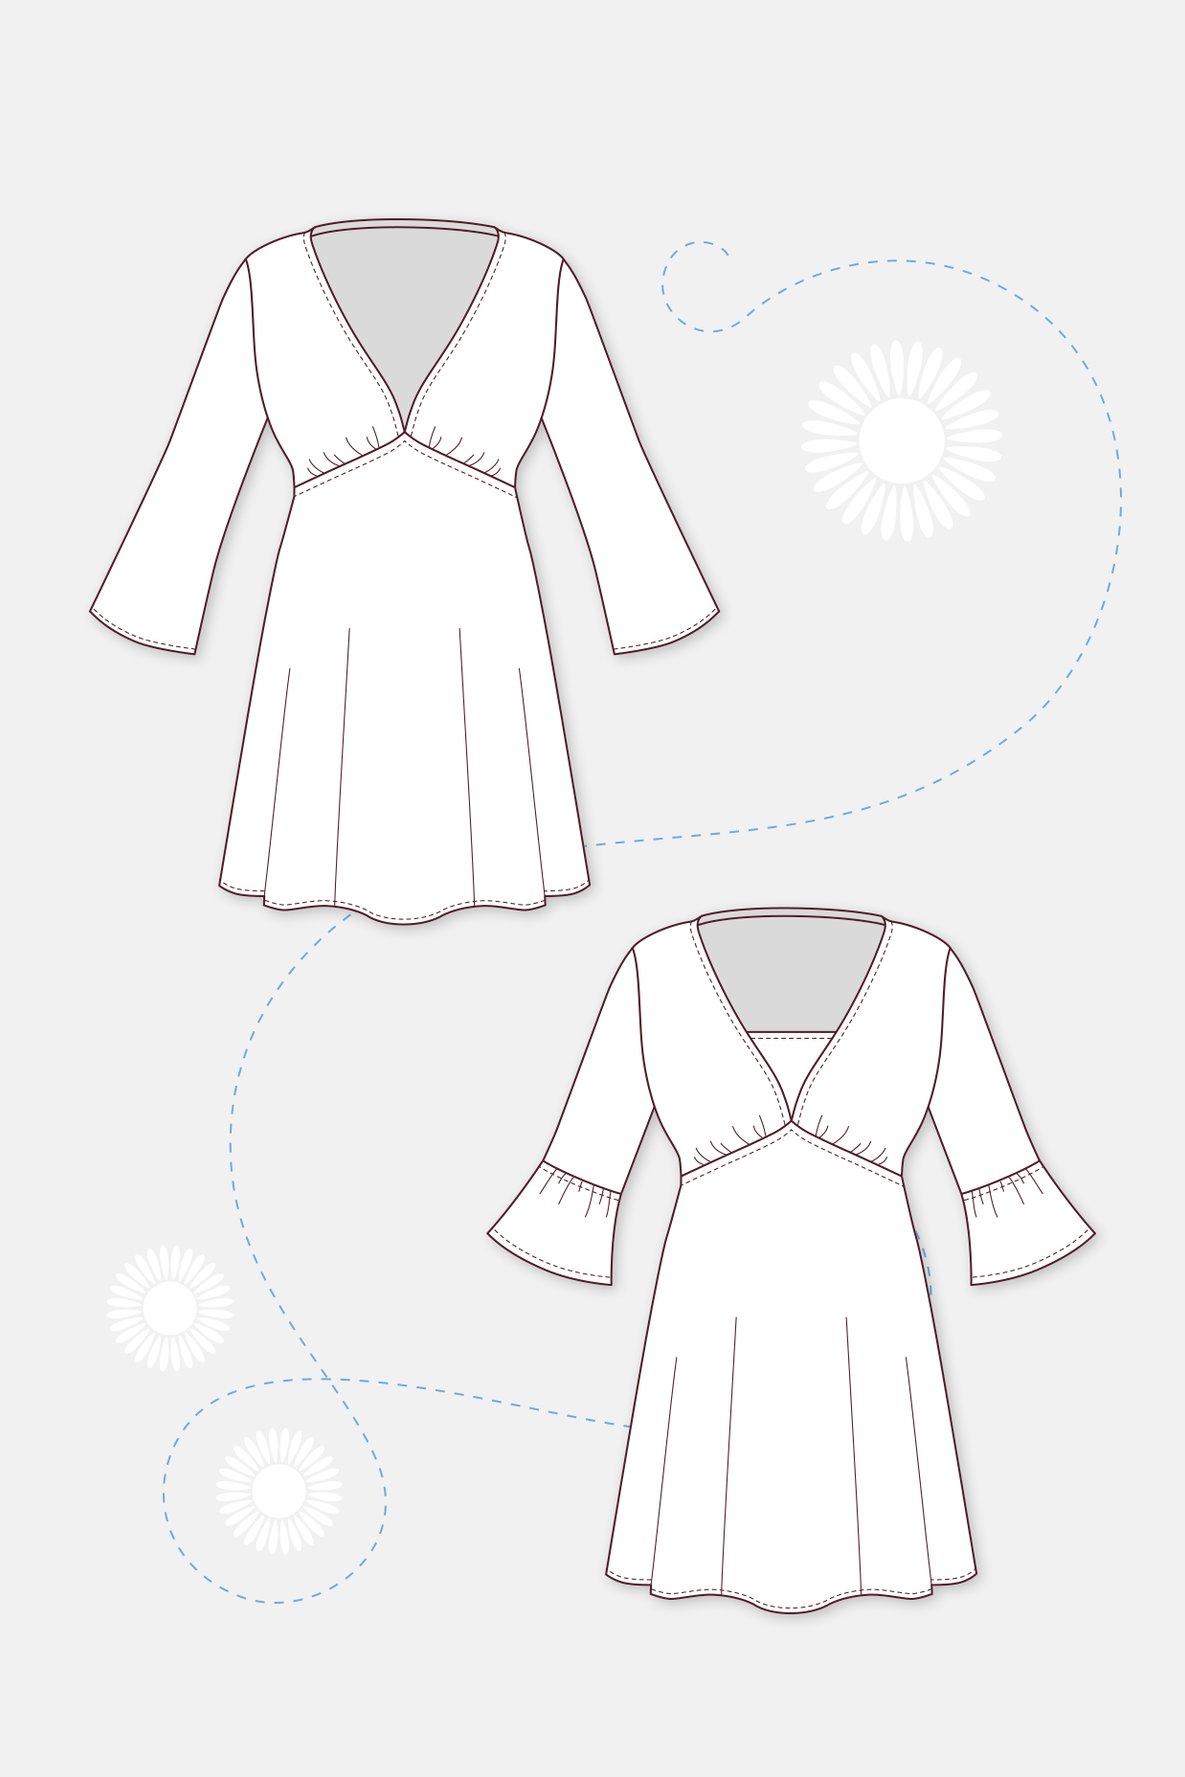 Schnittmuster Tunika Kleid technische Zeichnung  Tunika